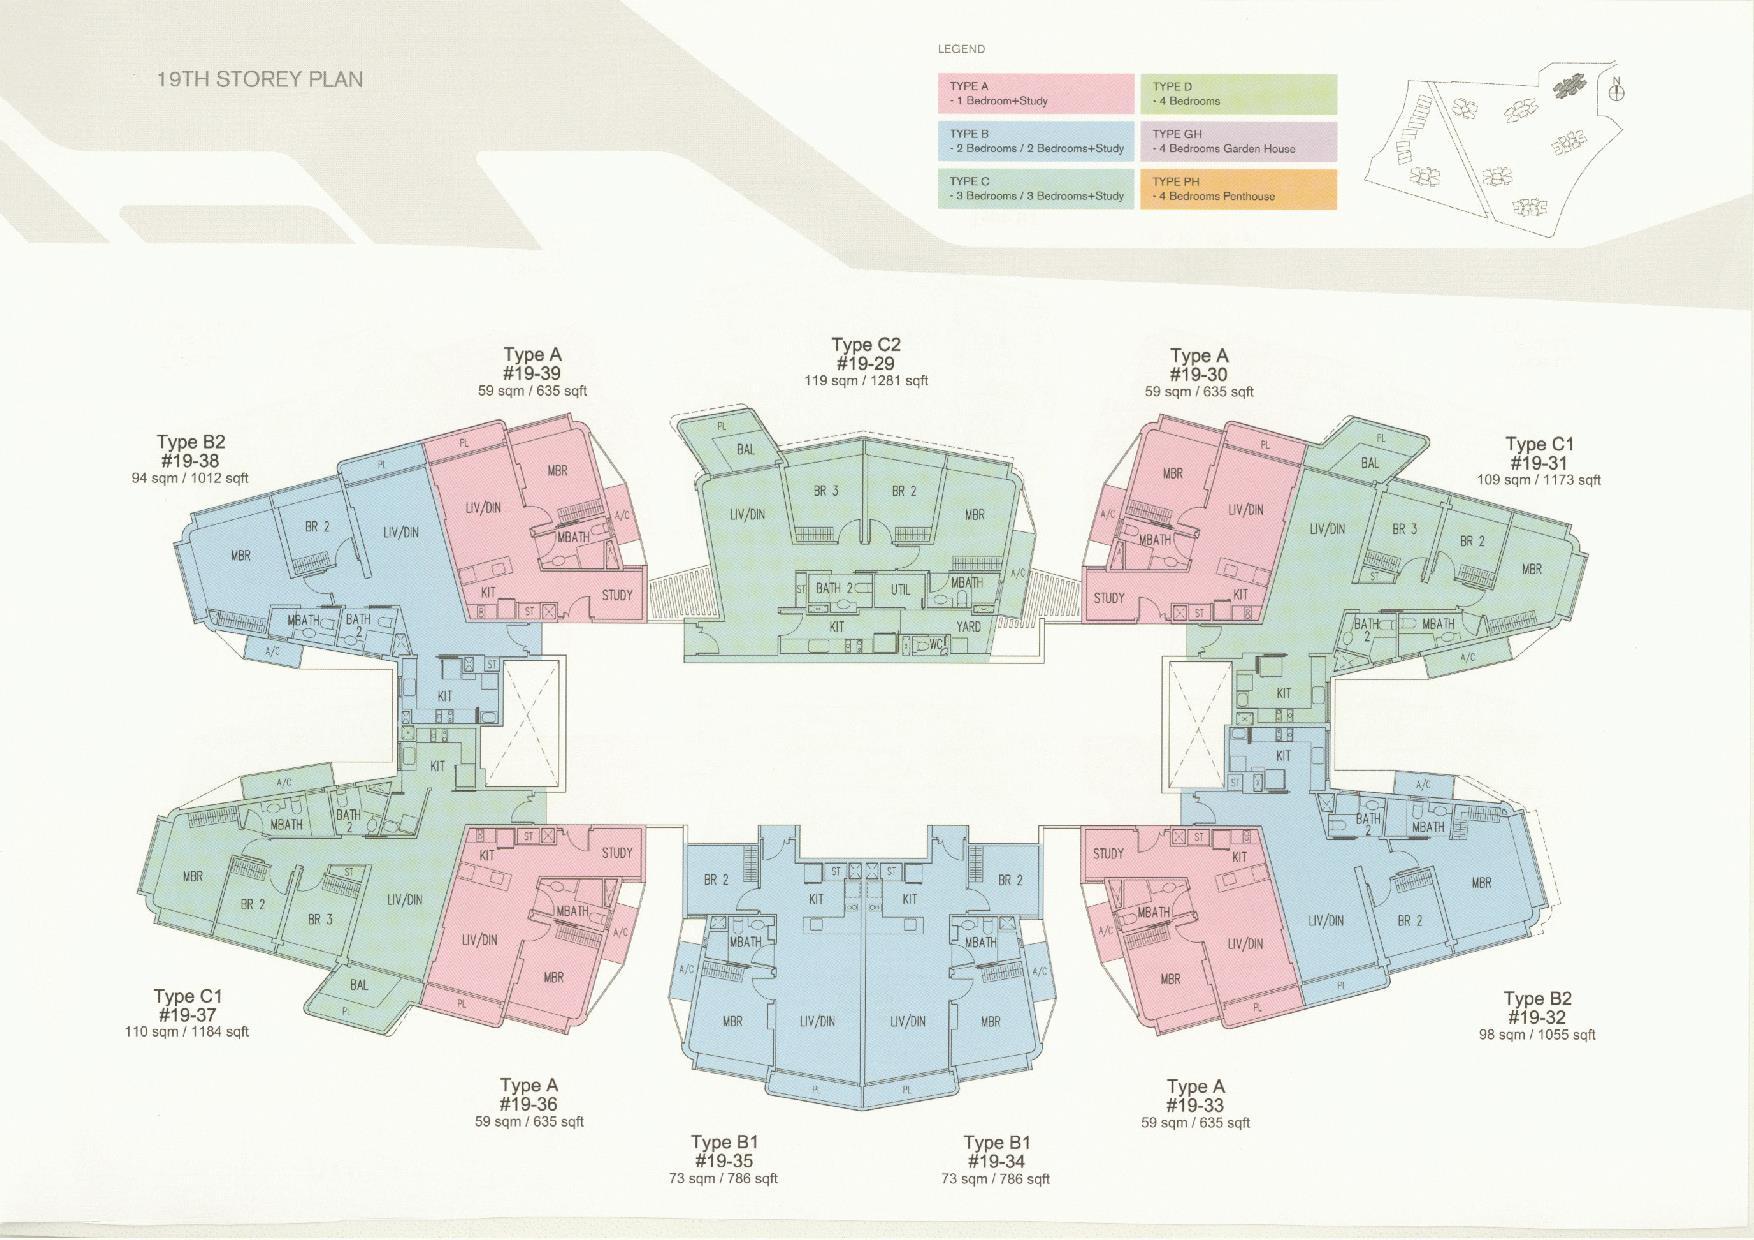 D'Leedon Block 11 19th Storey Floor Plans